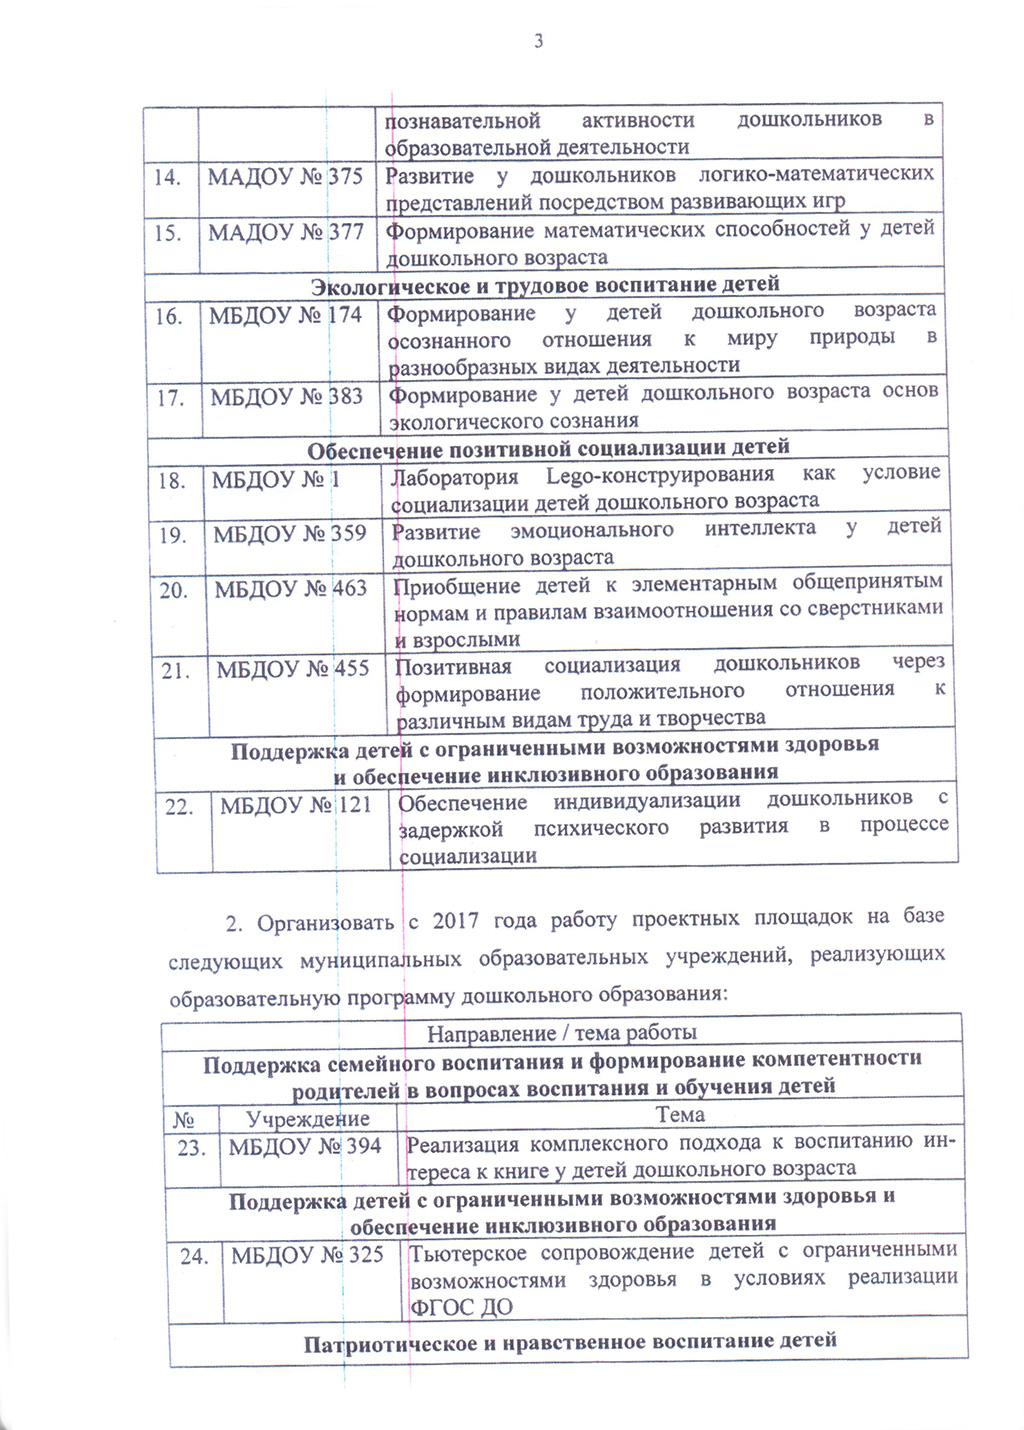 Приказ Об организации деятельности проектных площадок в 2016-2017г.г.